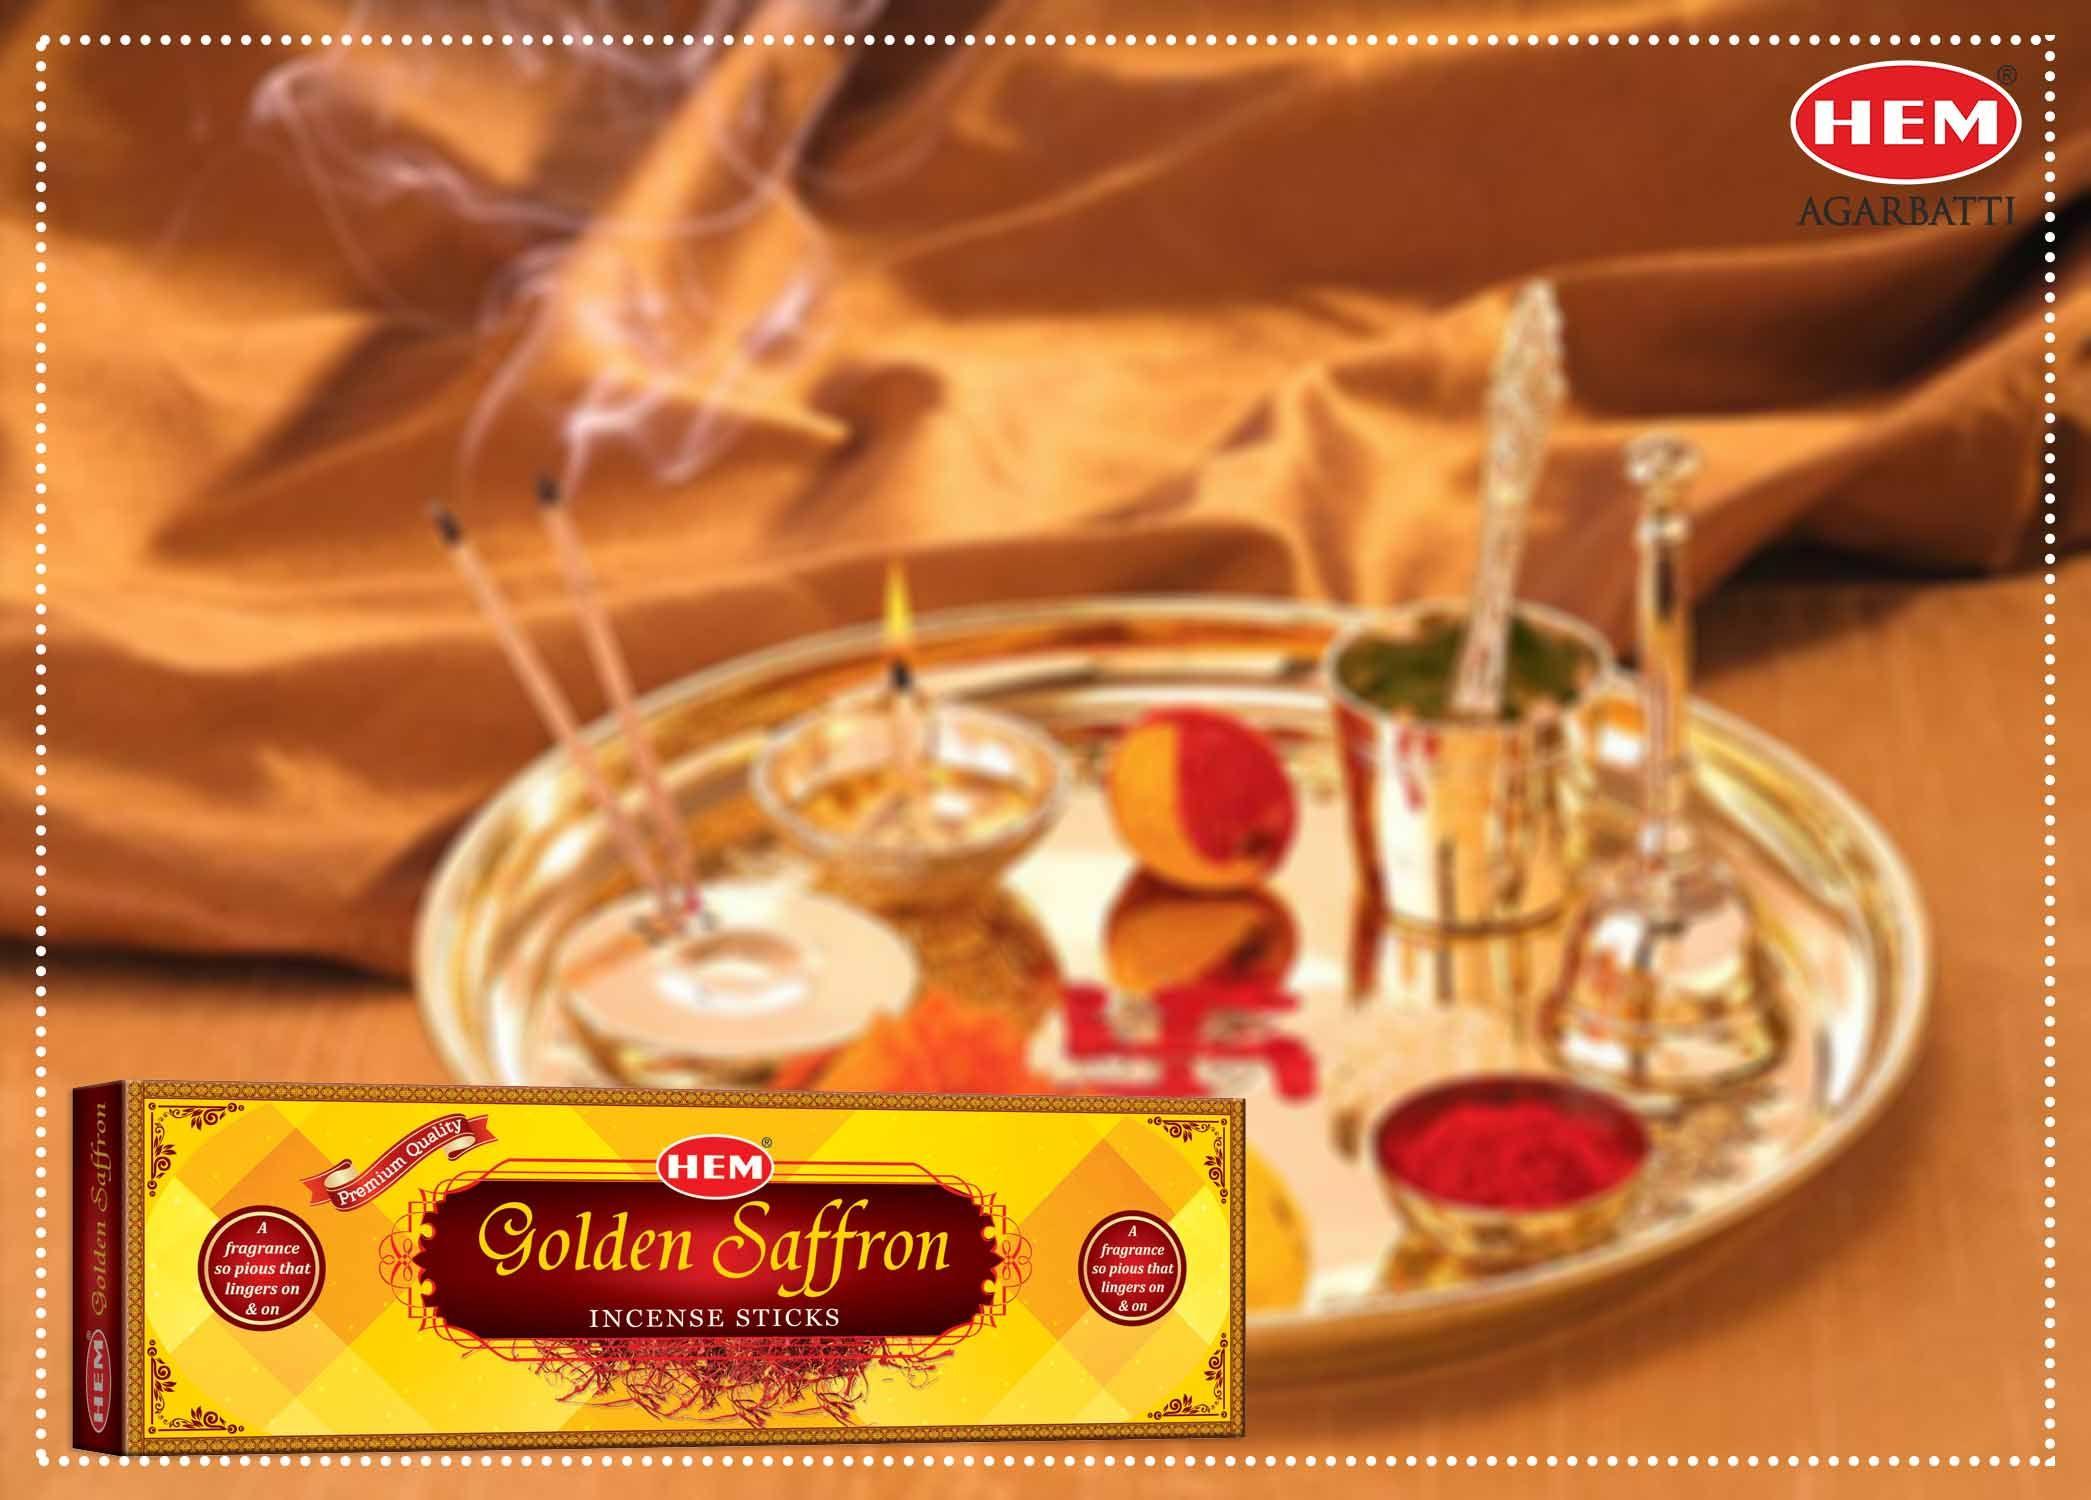 Hem Golden #Saffron Incense Sticks are ideal not only for